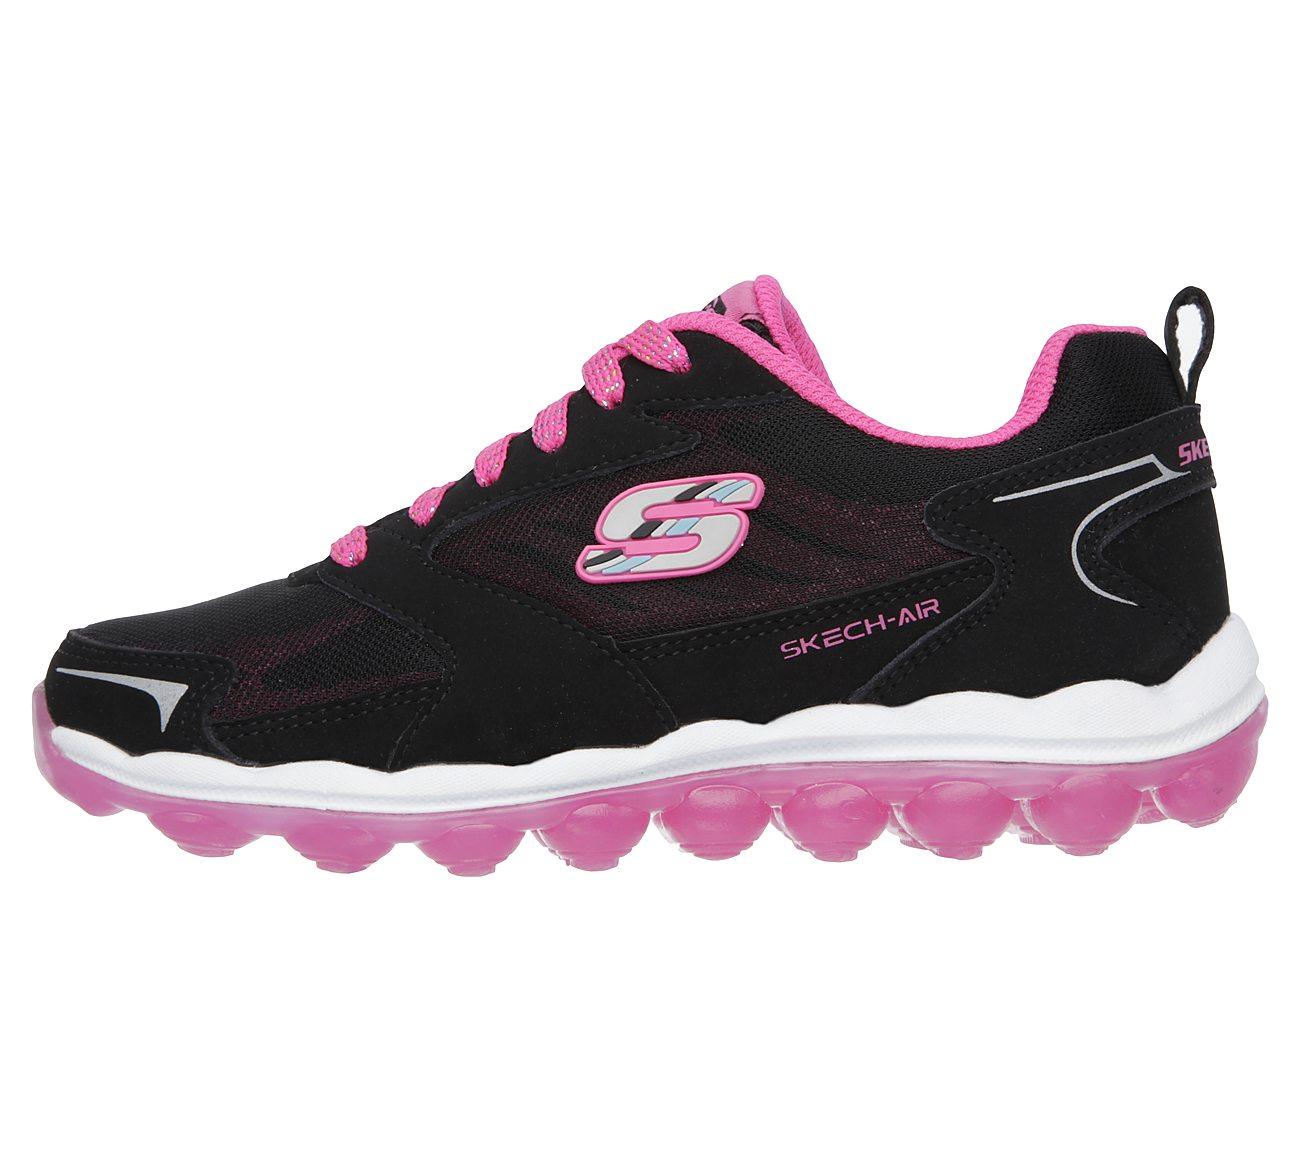 Skechers Sport Shoes Girls